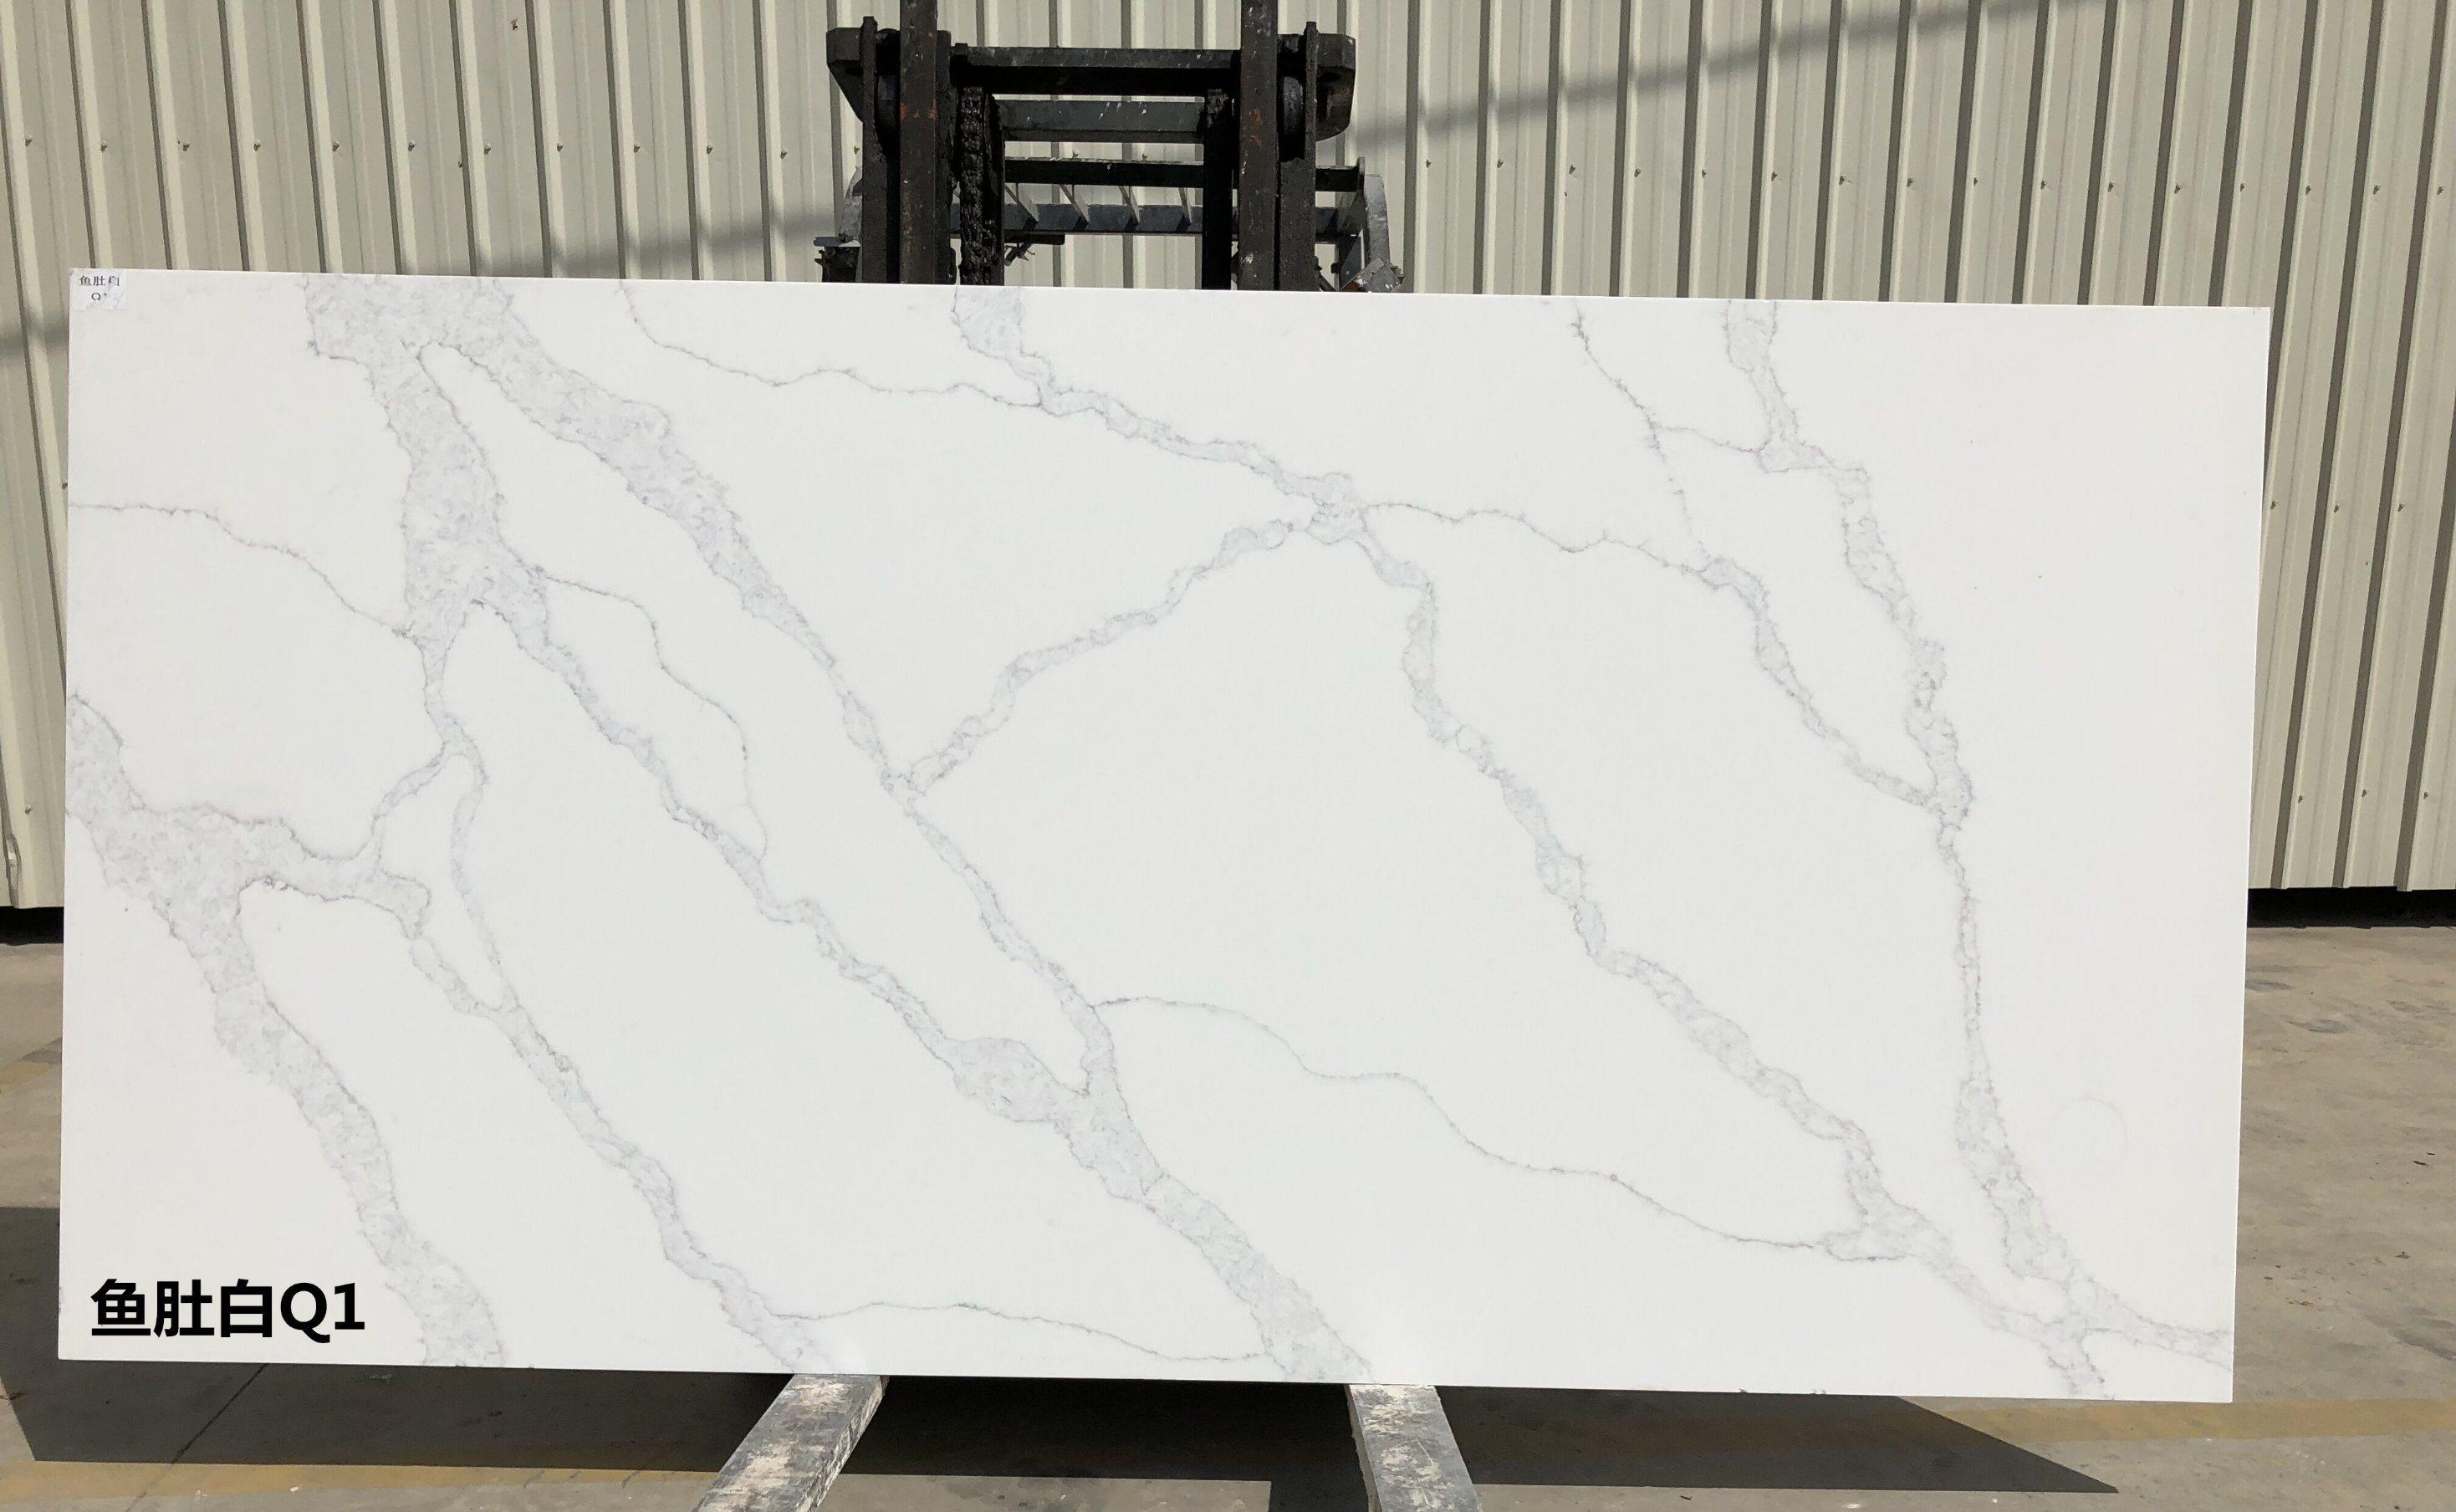 [Hot Item] 2cm Glacier White Caesarstone Engineered Quartz Stone